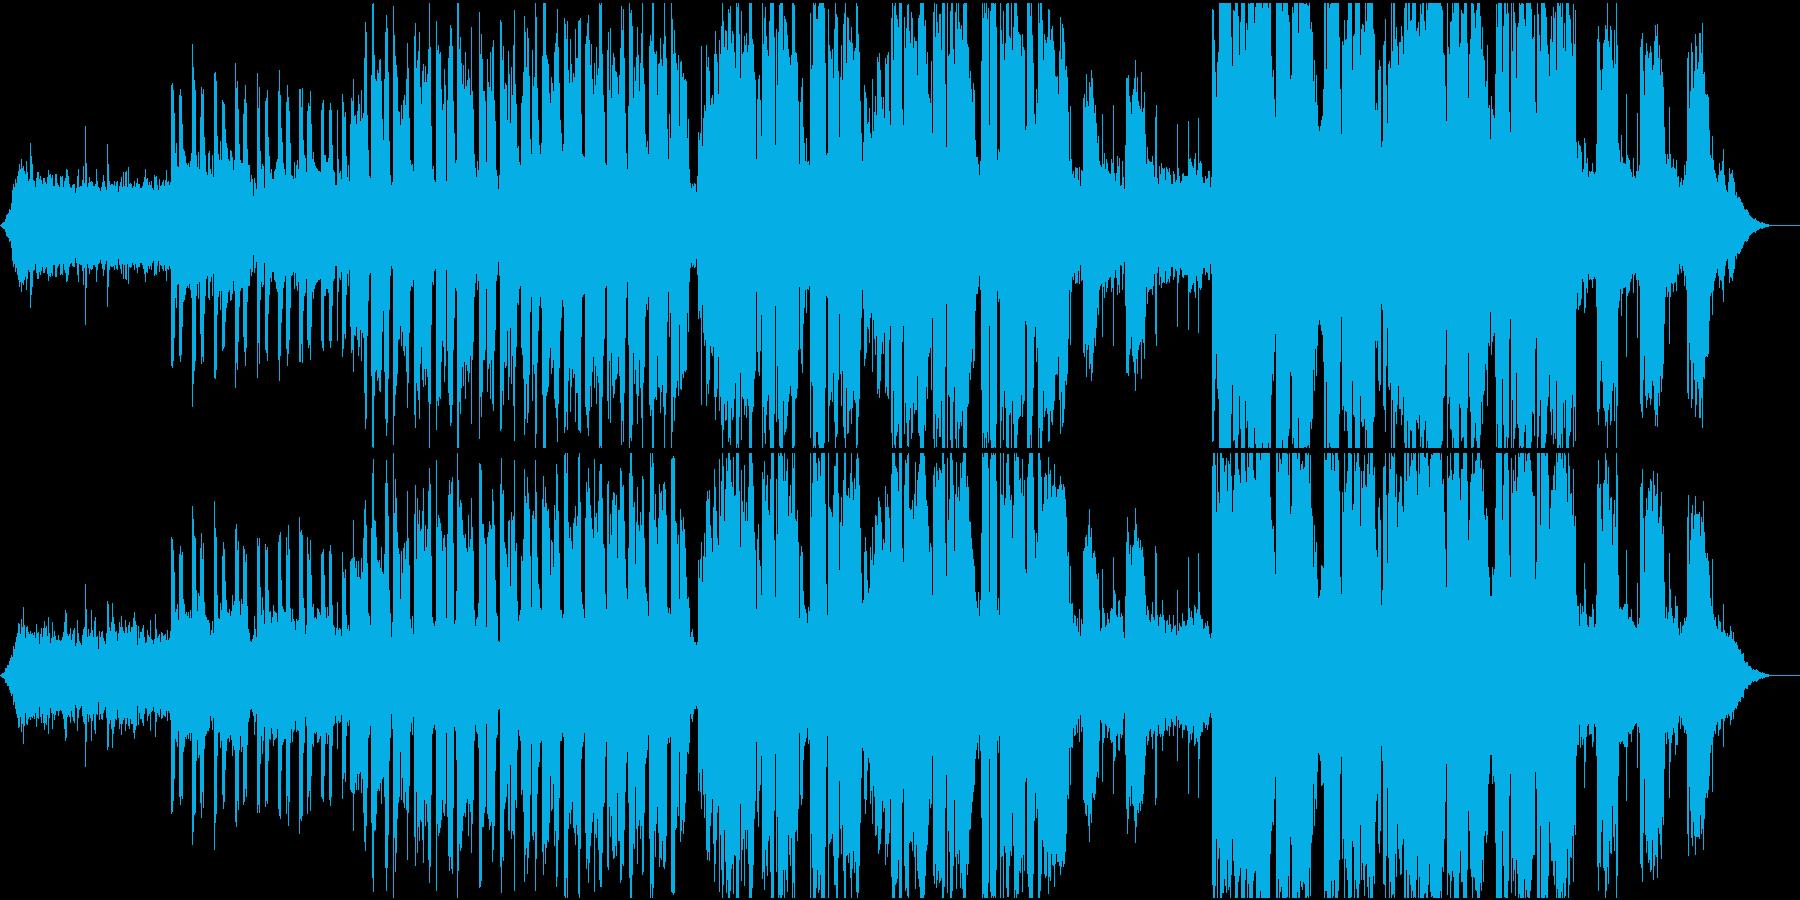 ヒーリング効果・安眠効果・癒しのバラードの再生済みの波形